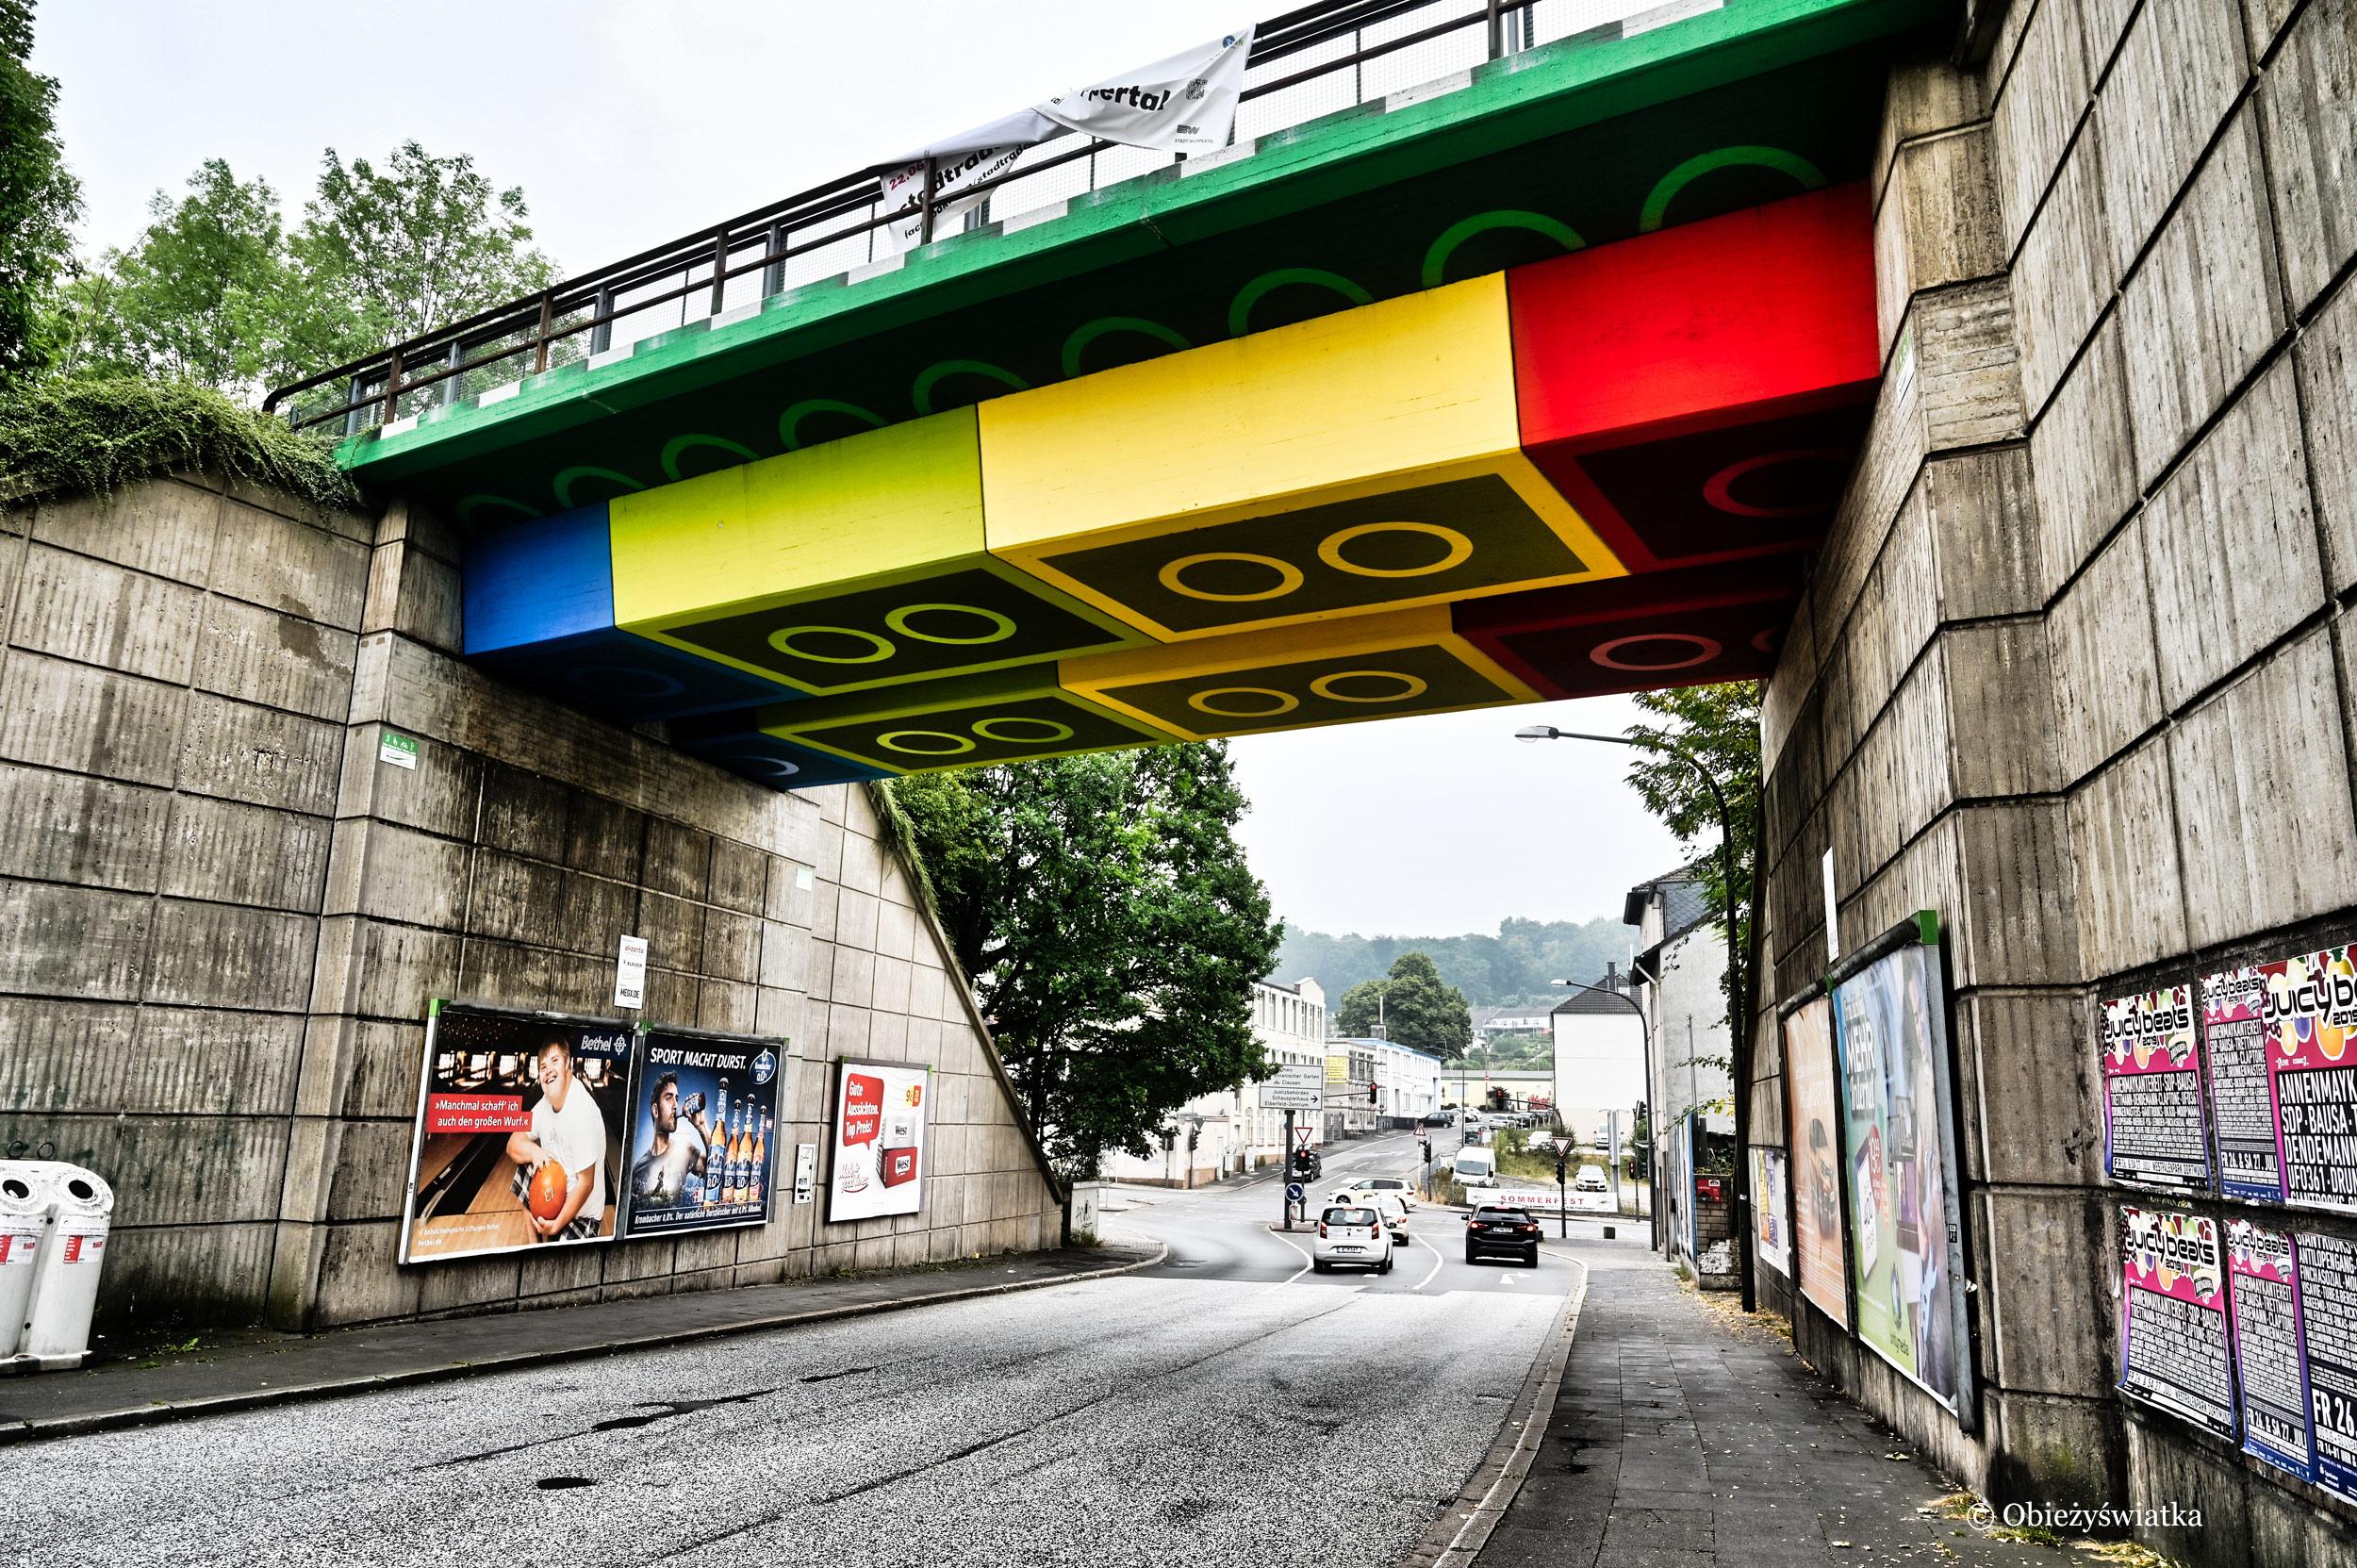 Szara ulica i pomysłowy most, Wuppertal, Niemcy